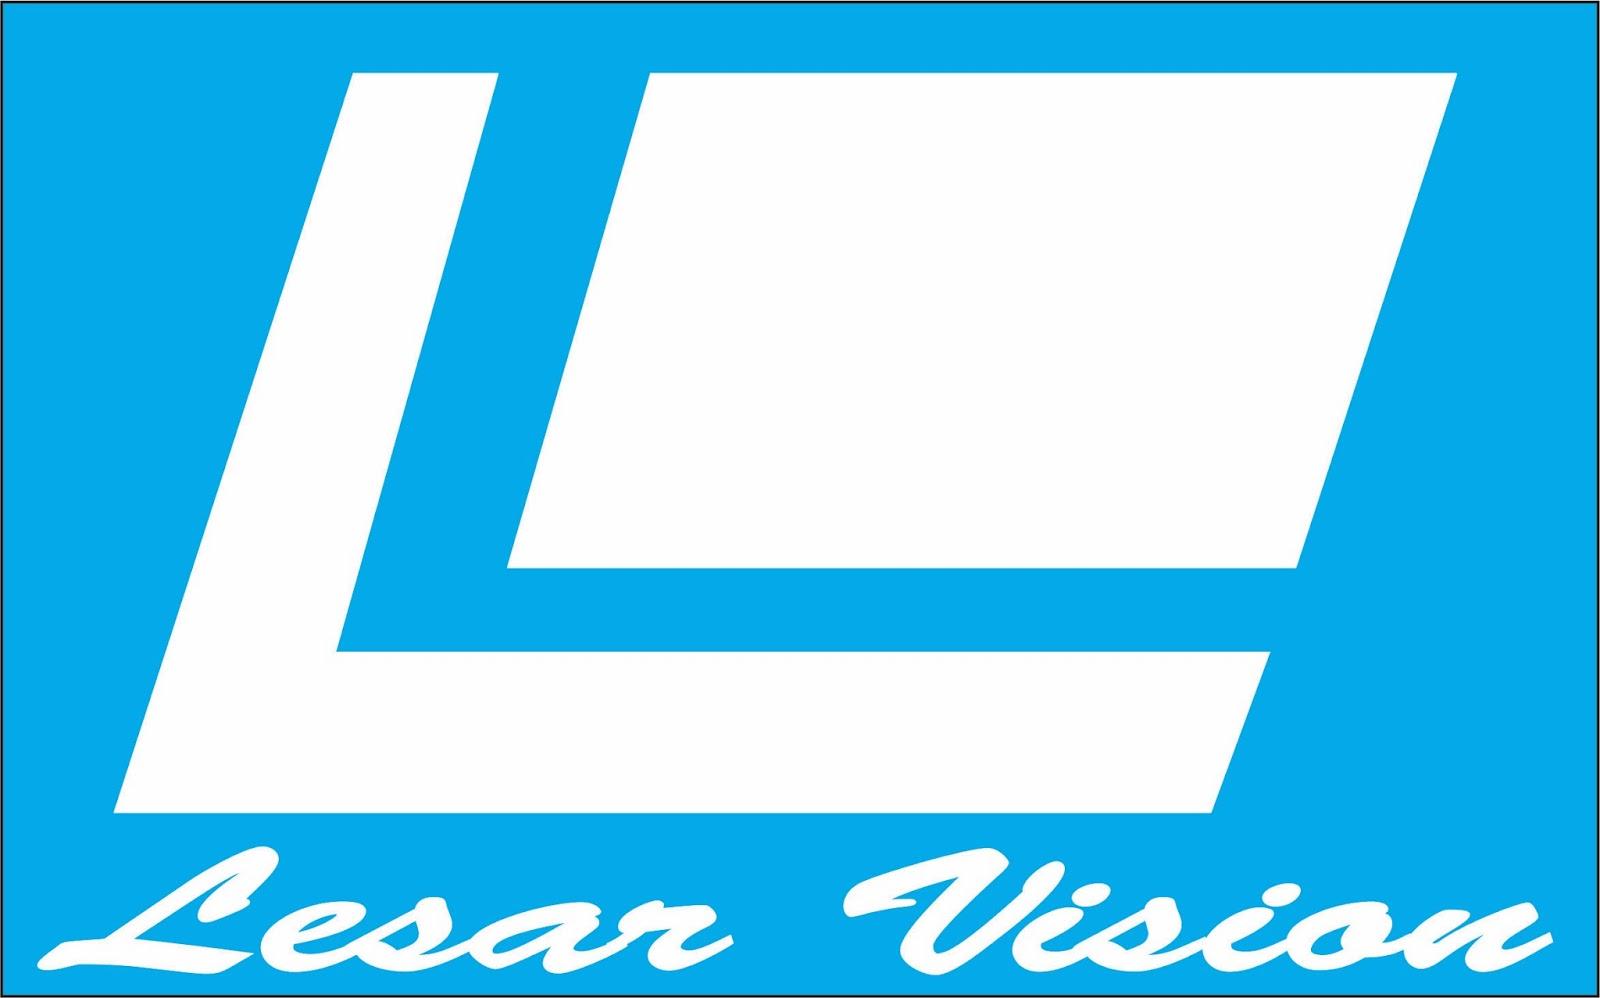 http://1.bp.blogspot.com/-4__Z84-K5CU/UsAYWpGm6gI/AAAAAAAAAWY/Y8-S6meeAb0/s1600/Lesar+Vision+Logo.jpg